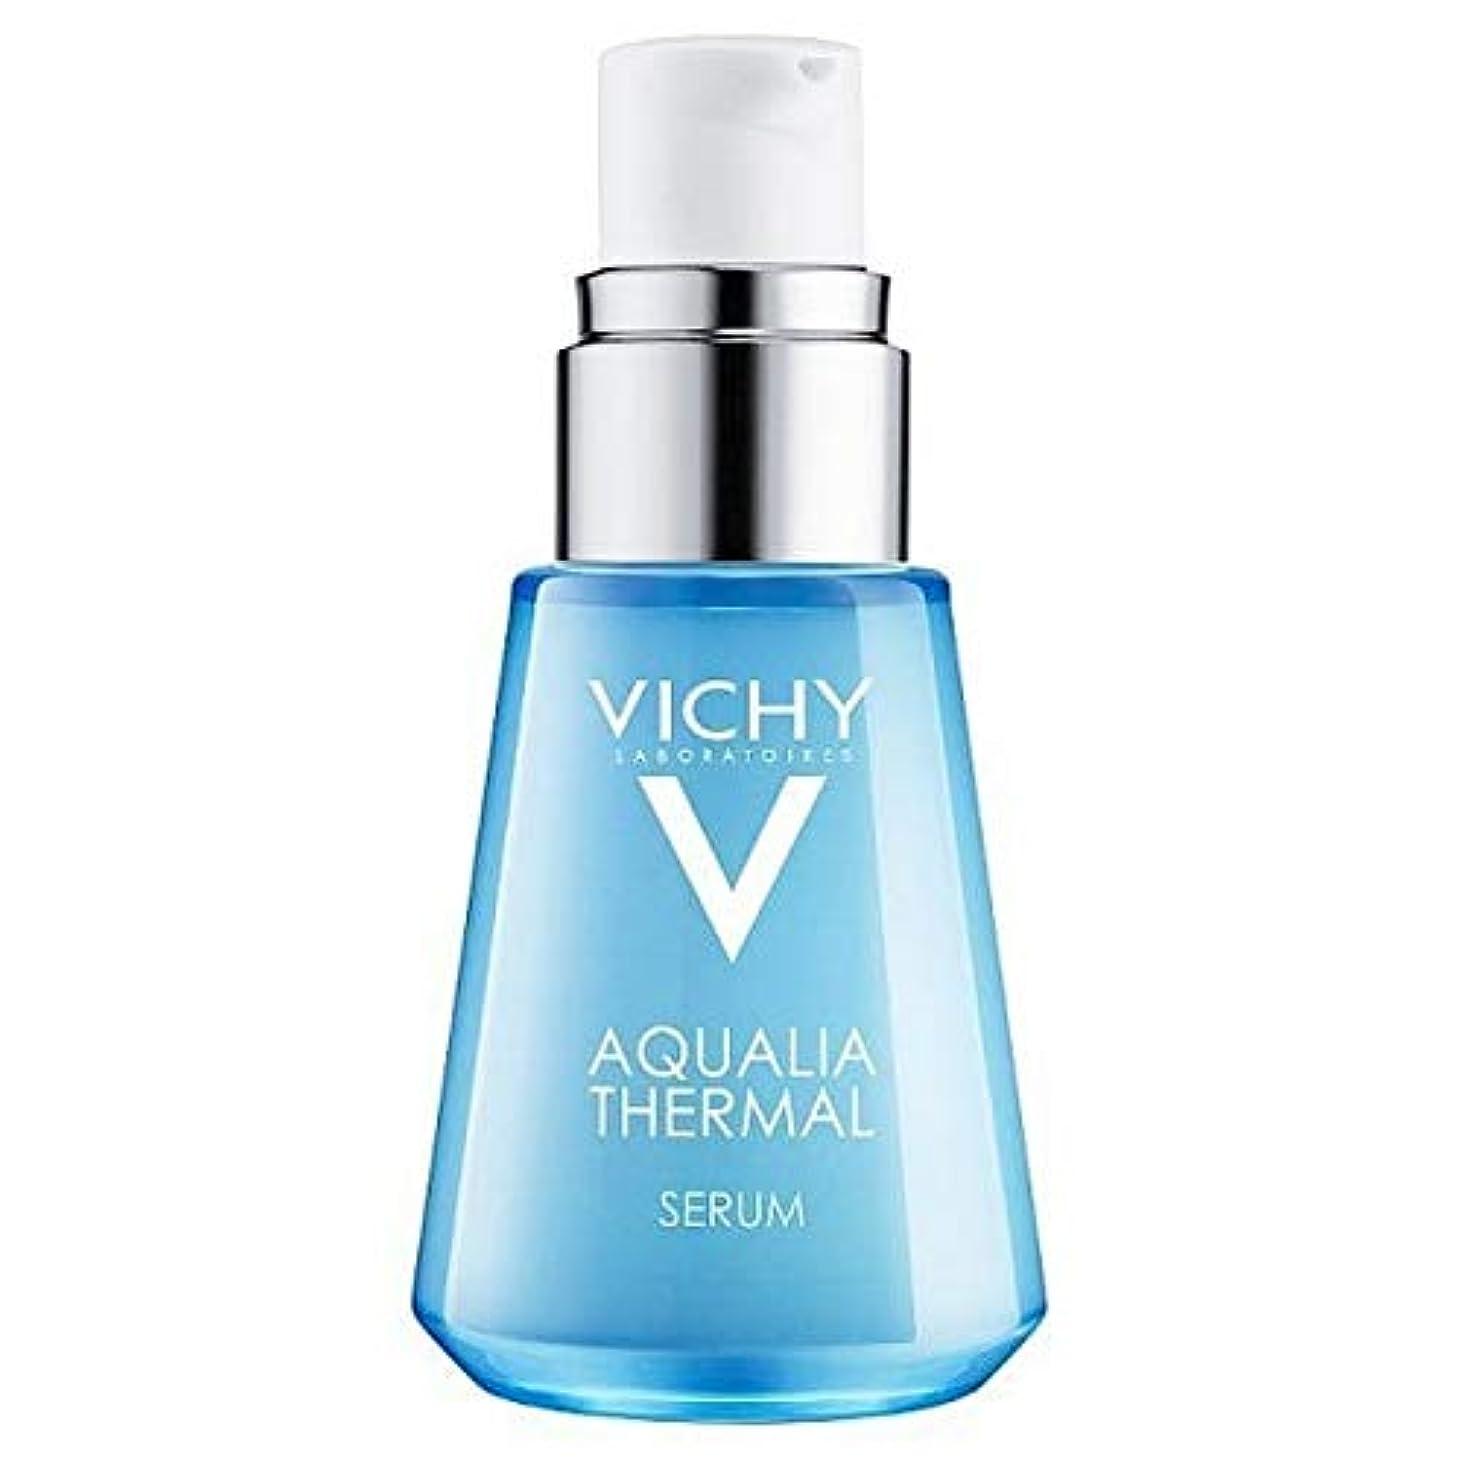 耐えられない関係ない付ける[Vichy] 熱血清顔30ミリリットルAqualiaヴィシー - Vichy Aqualia Thermal Serum Face 30ml [並行輸入品]